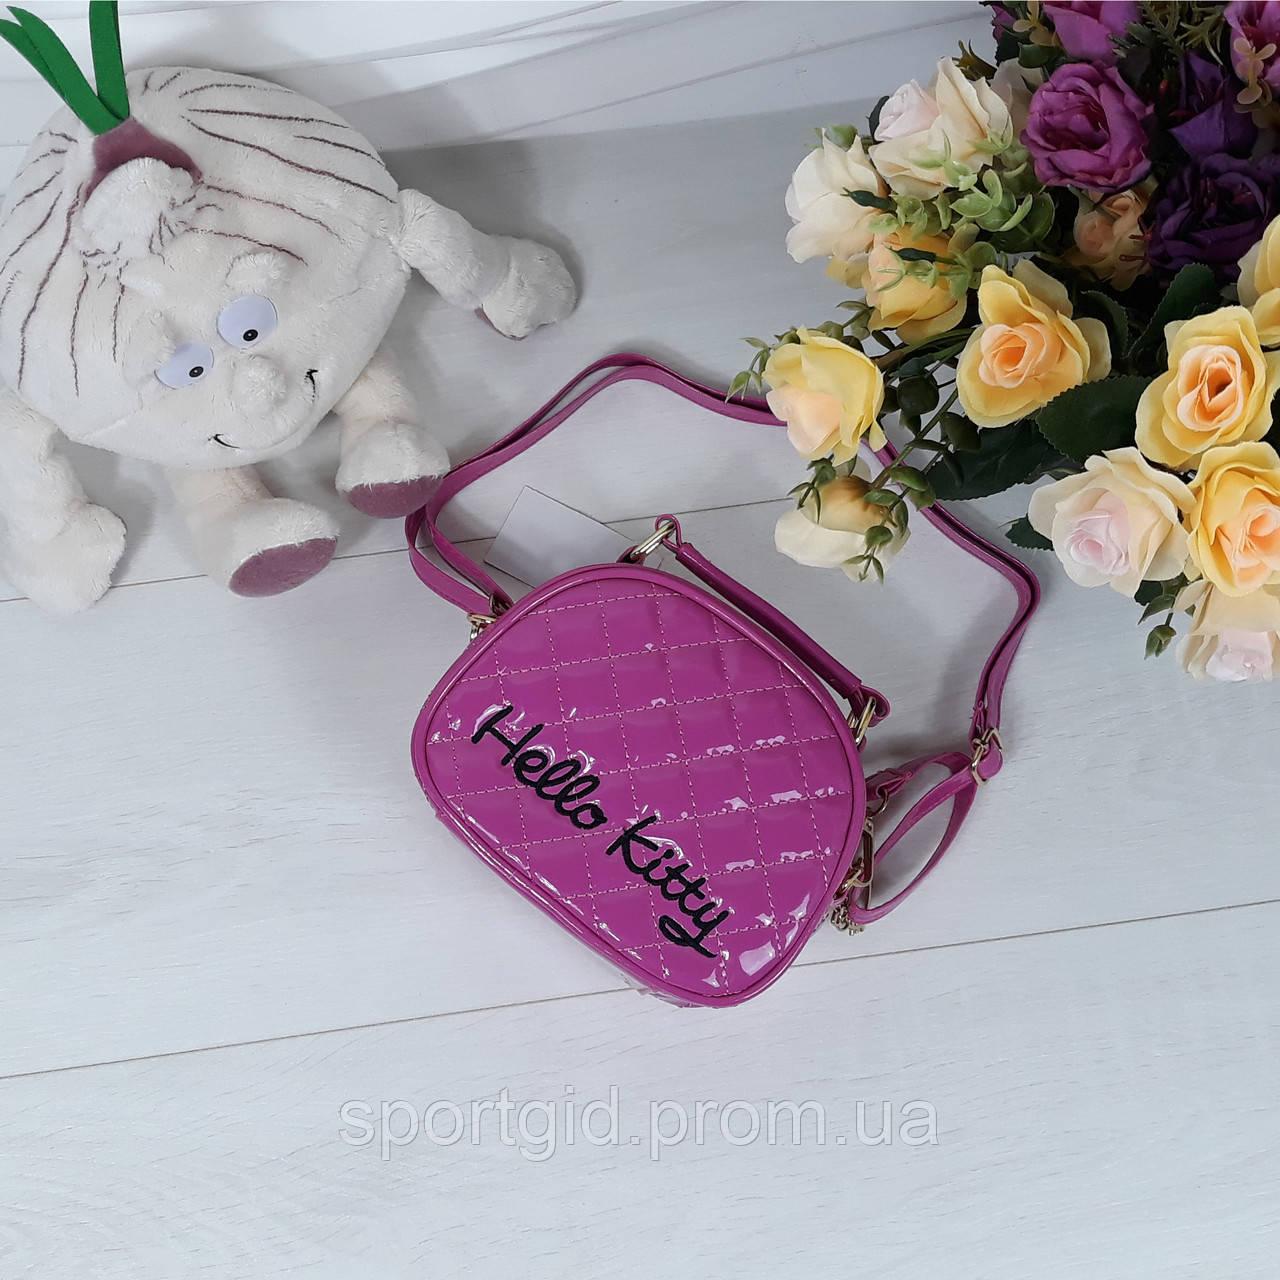 01e970ea1ed9 Модная детская сумочка Hello Kitty для девочек, цена 370 грн., купить в  Запорожье — Prom.ua (ID#257259222)